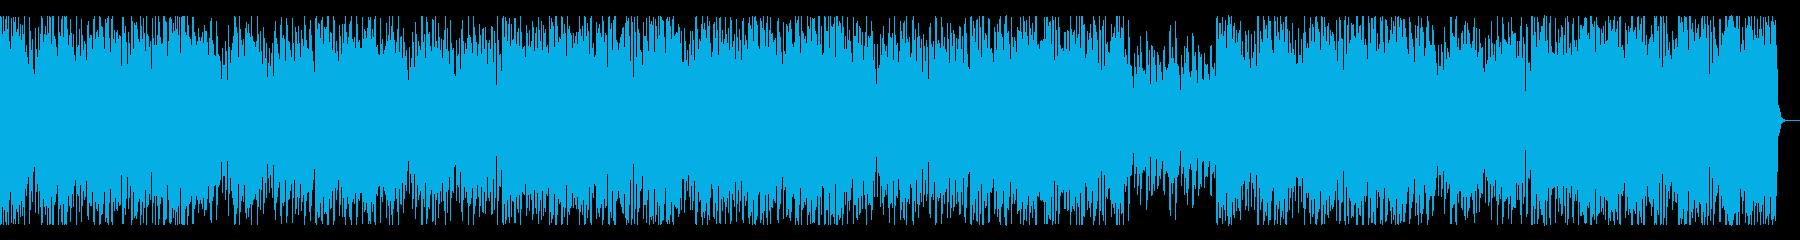 元気の出るブラス・ロックの再生済みの波形